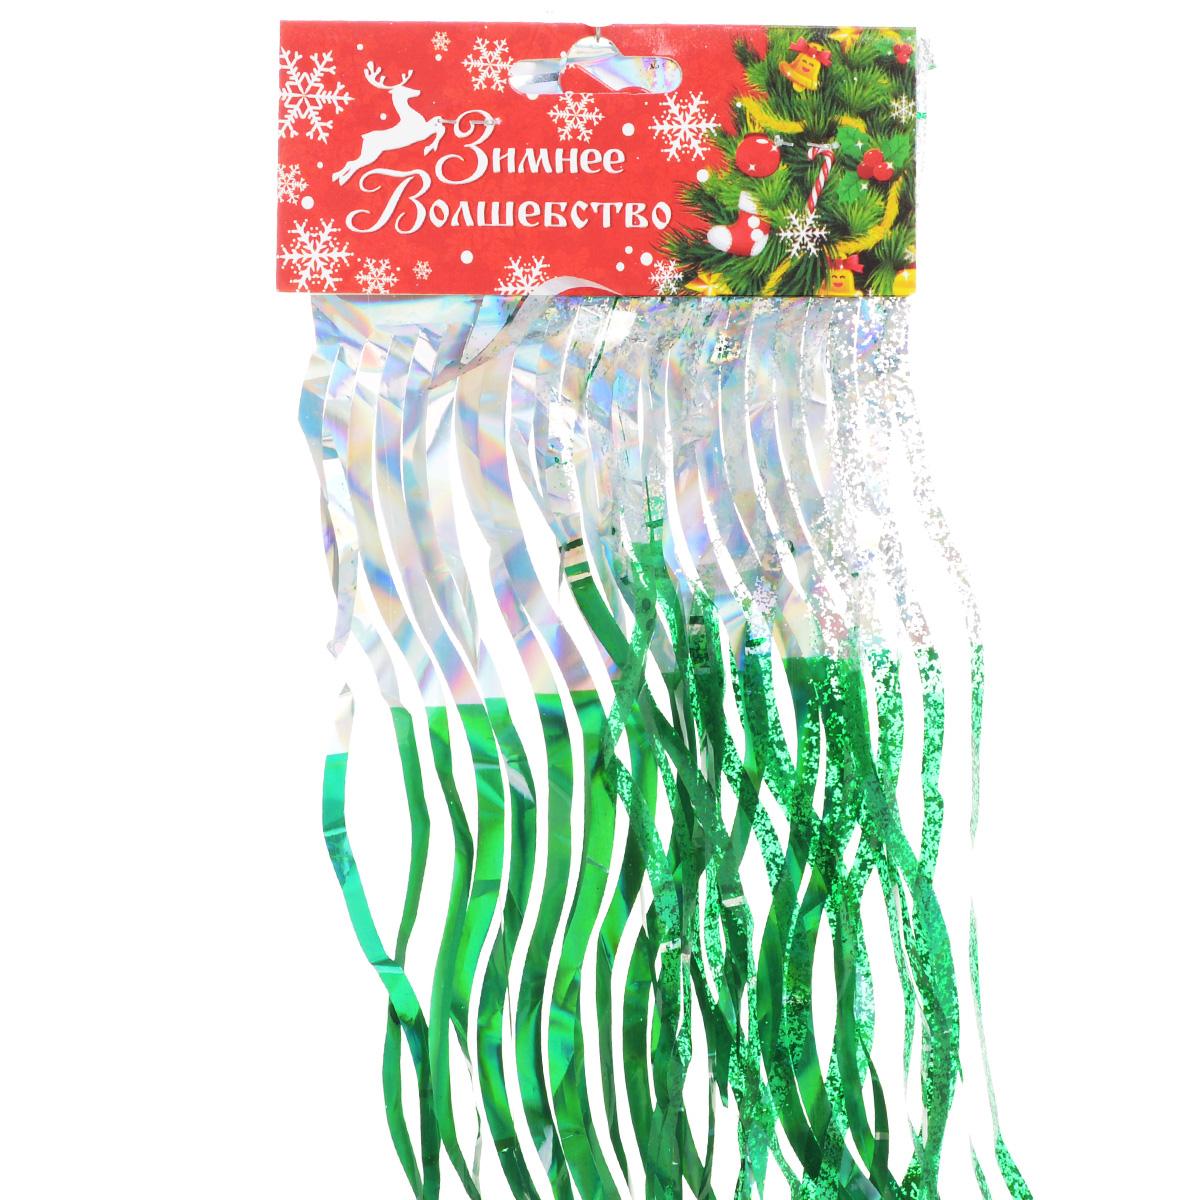 Дождик новогодний Sima-land, цвет: зеленый, серебристый, 15 х 100 см 701539701539Двухцветный новогодний дождик Sima-land, изготовленный из фольги, поможет вам украсить свой дом к предстоящим праздникам. Новогодняя елка с таким украшением станет еще наряднее. Новогодним дождиком можно украсить все, что угодно - елку, квартиру, дачу, офис - как внутри, так и снаружи. Можно сложить новогодние поздравления, буквы и цифры, дождиком можно украсить и дополнить гирлянды, можно выделить дверные колонны, оплести дверные проемы. Коллекция декоративных украшений из серии Зимнее волшебство принесет в ваш дом ни с чем несравнимое ощущение праздника! Создайте в своем доме атмосферу тепла, веселья и радости, украшая его всей семьей. Ширина: 15 см.